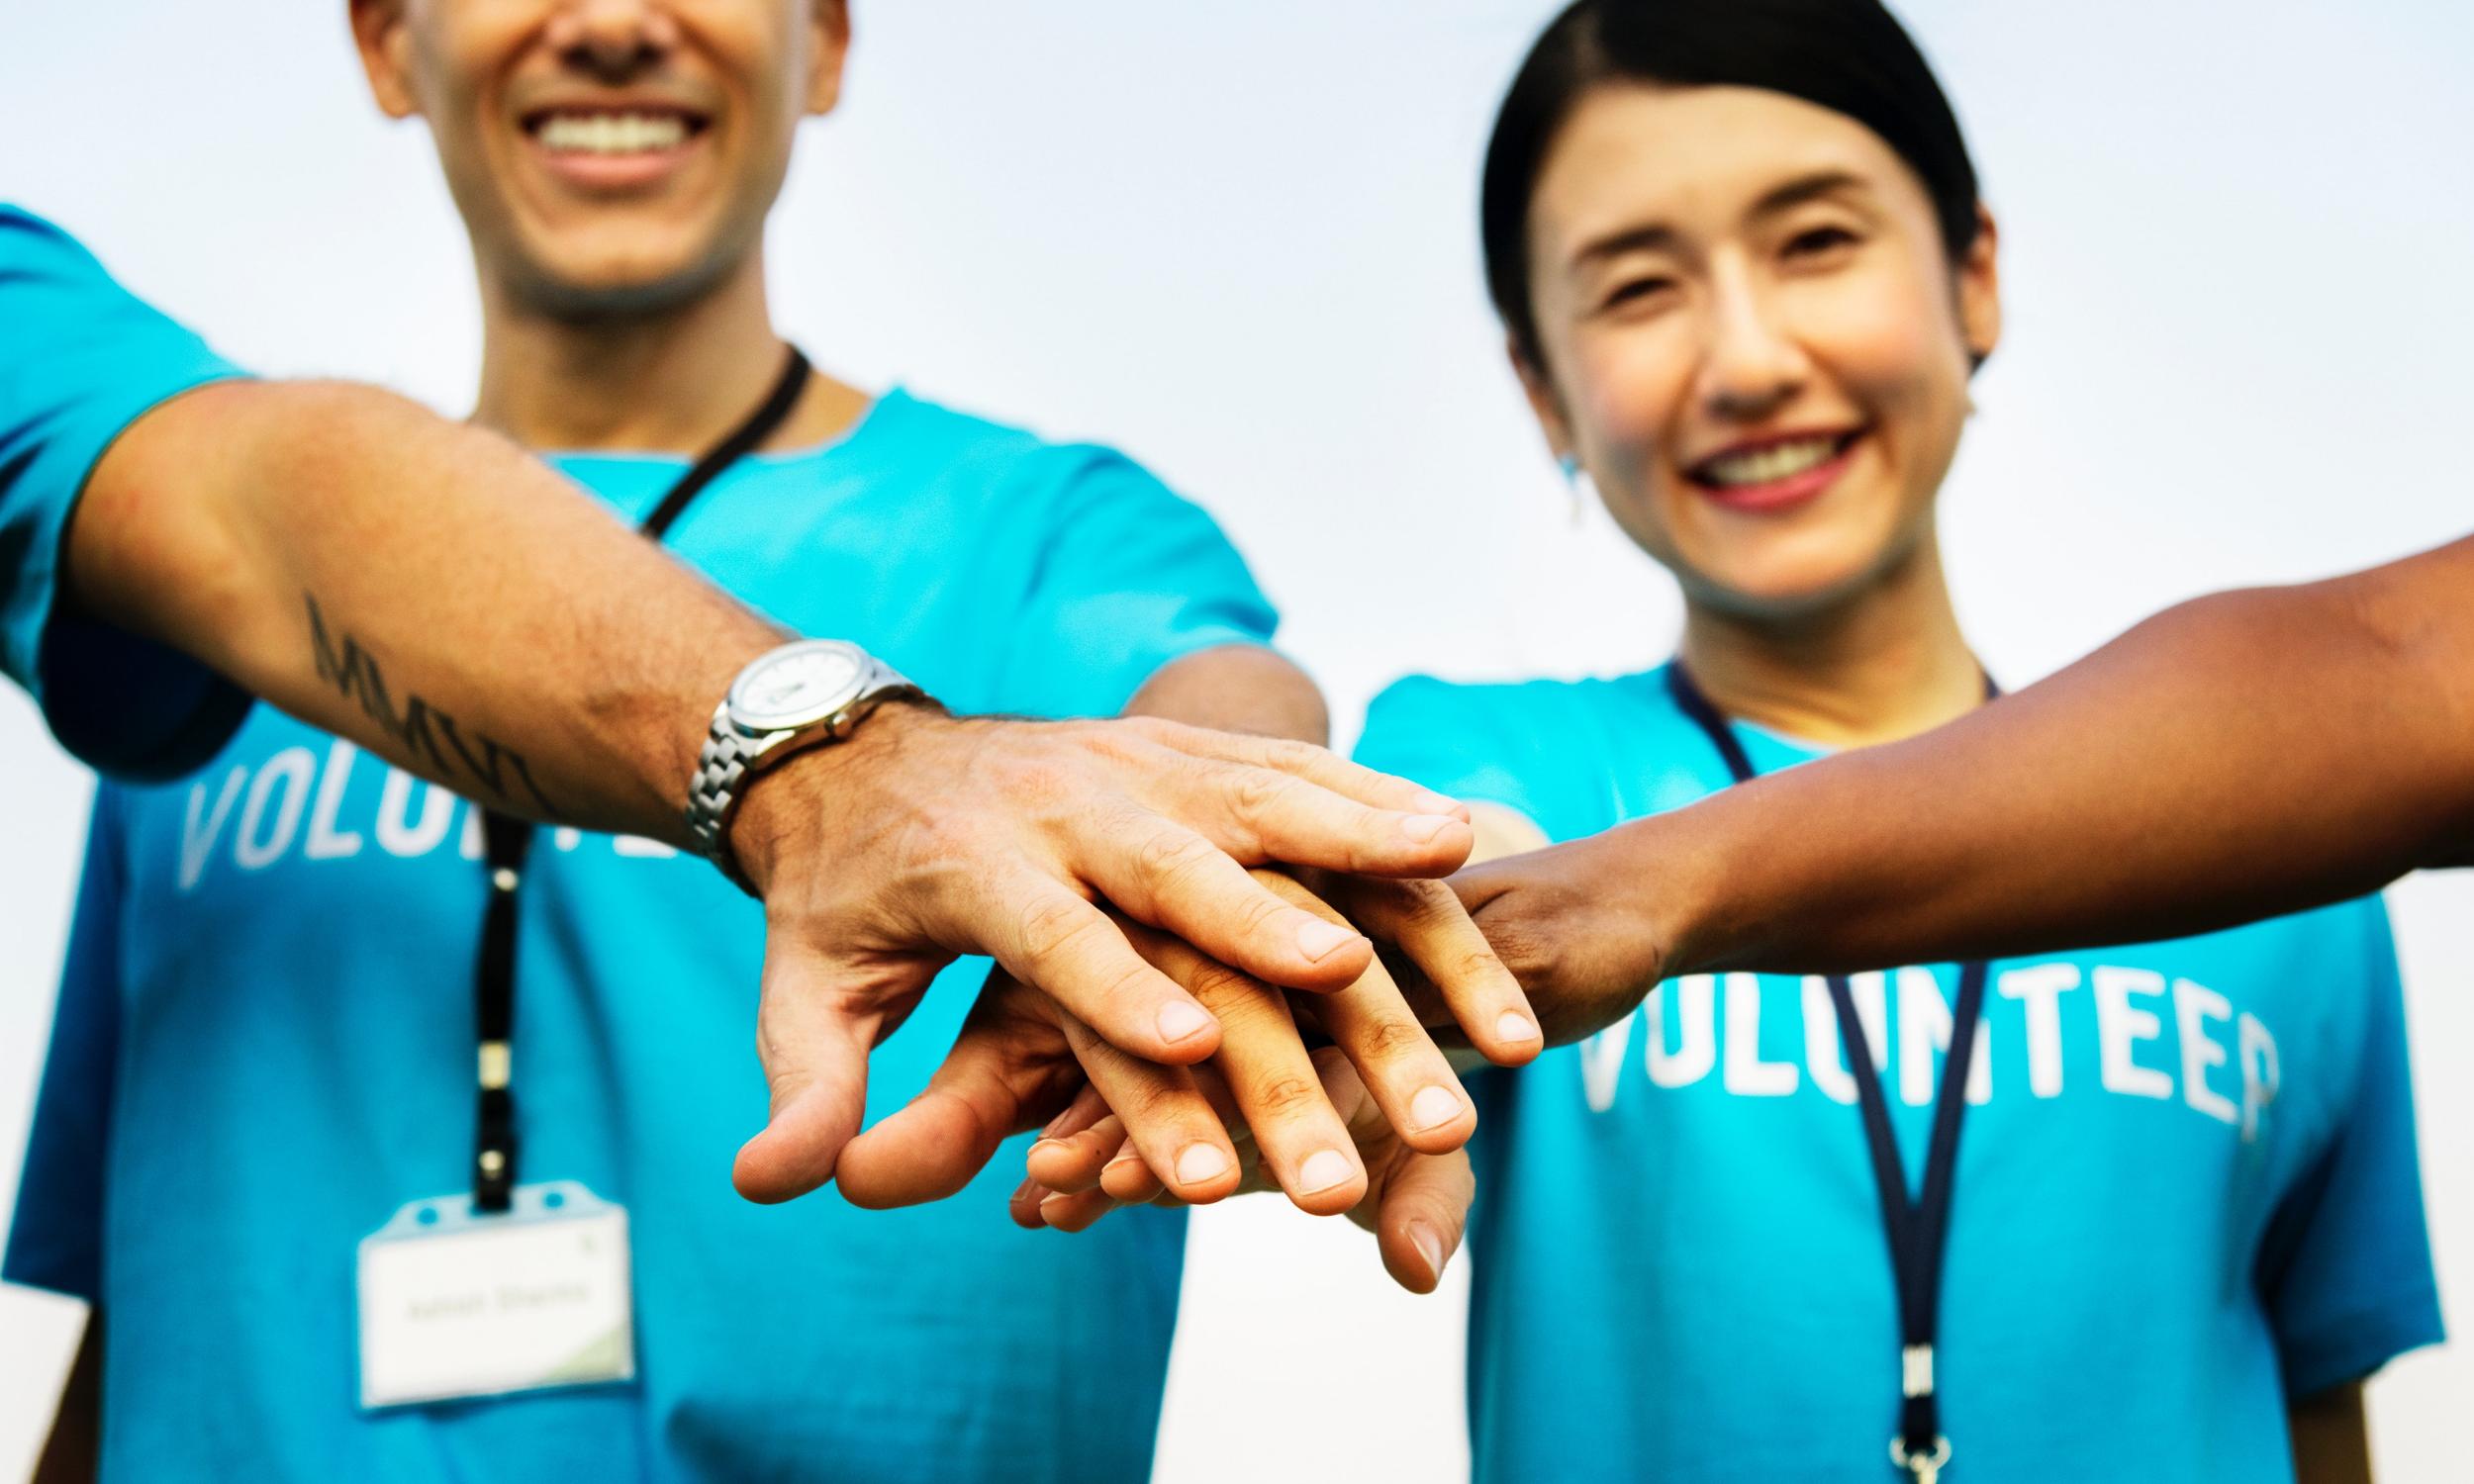 become a volunteer -